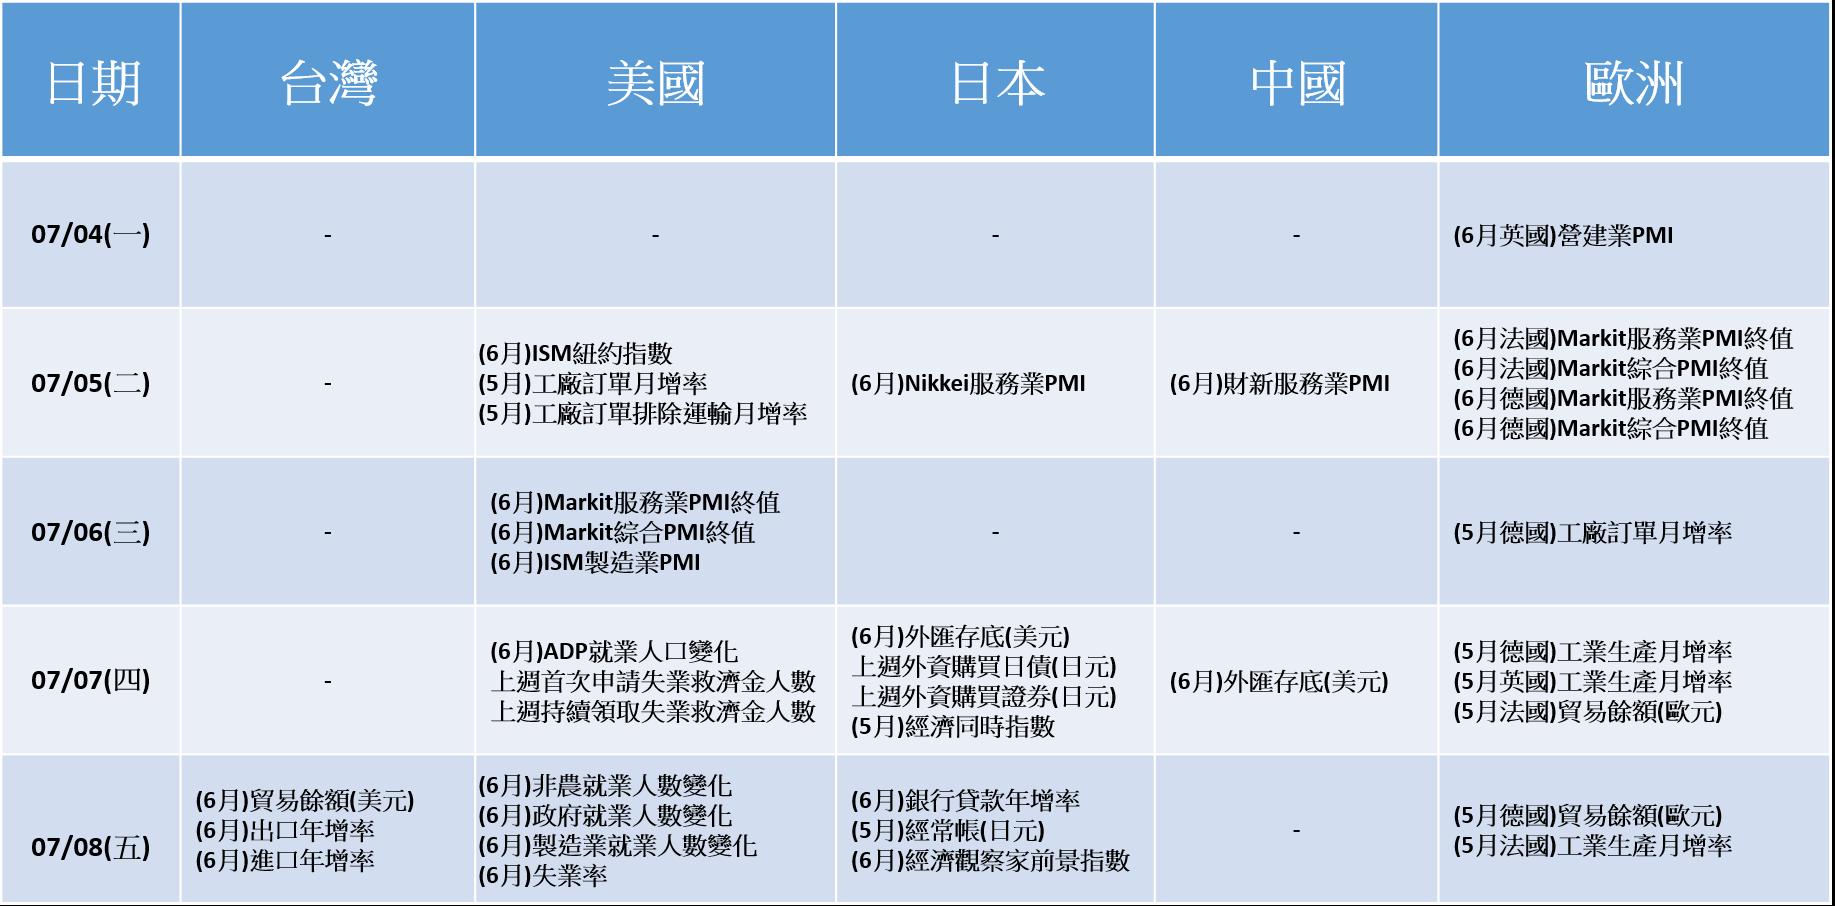 20160704~20160708_經濟數據